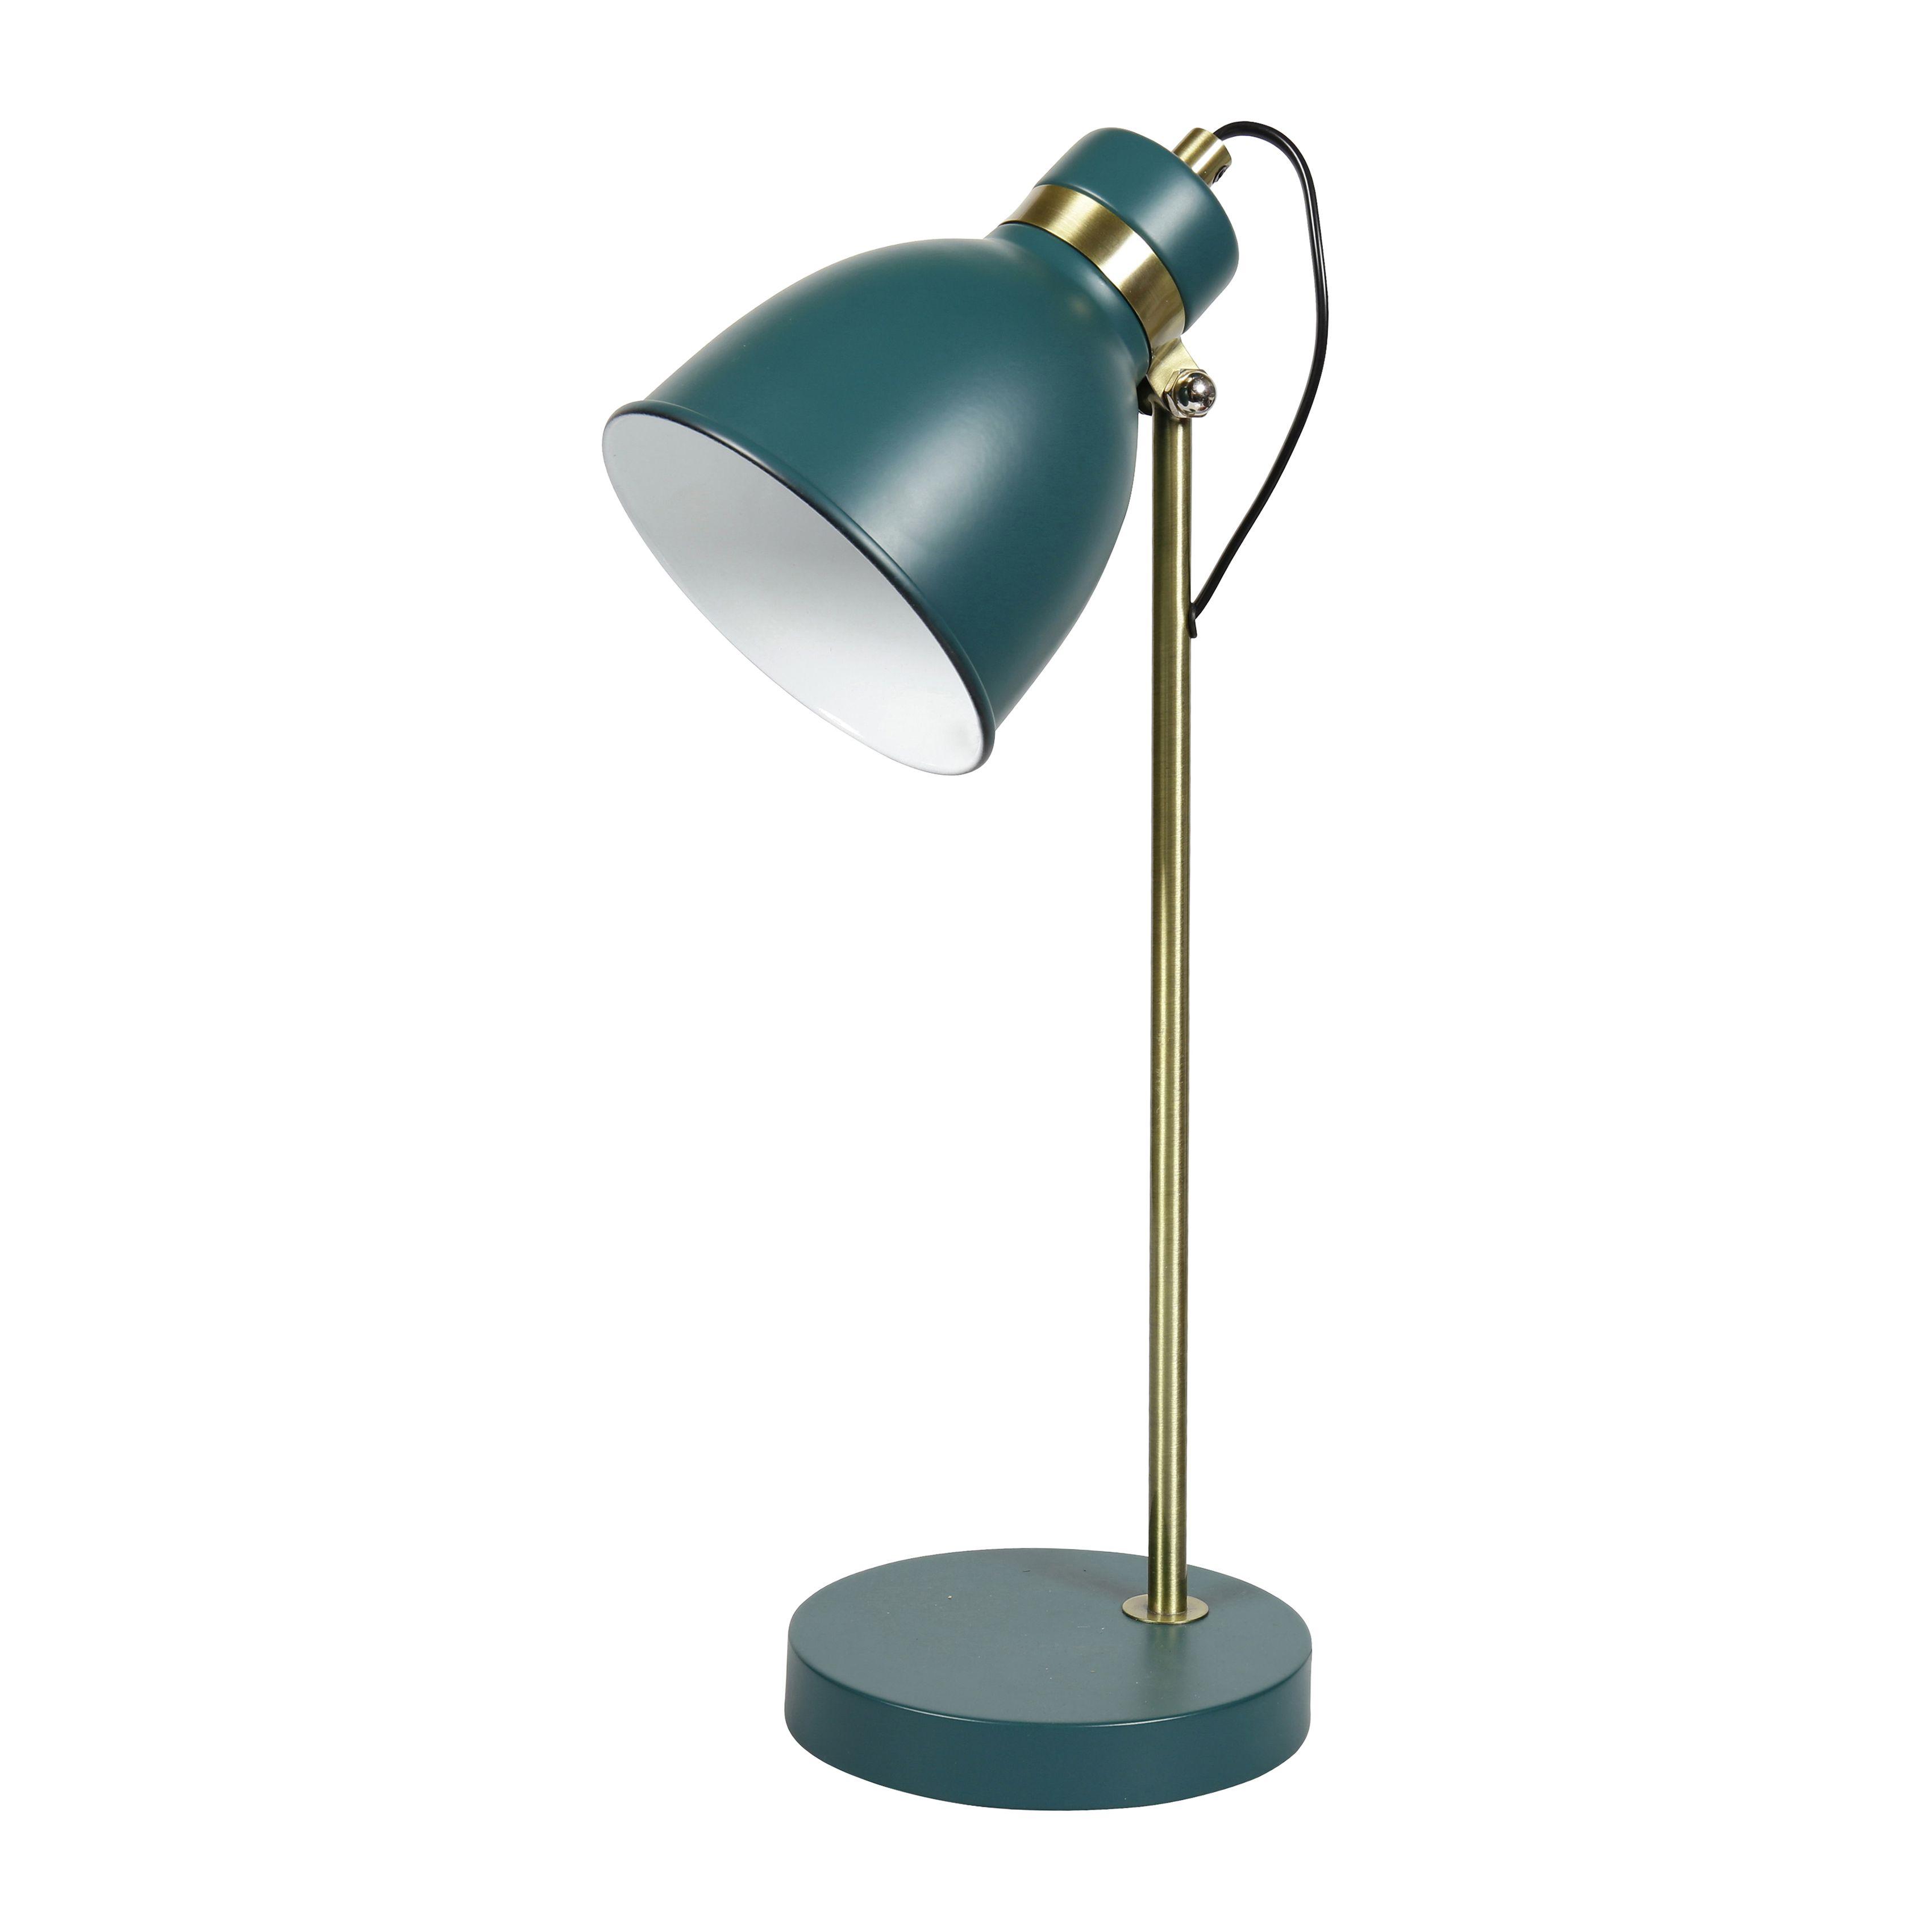 Lampe Bureau Metal Verte Et Doree Lampe De Bureau Bureau Metal Lamp